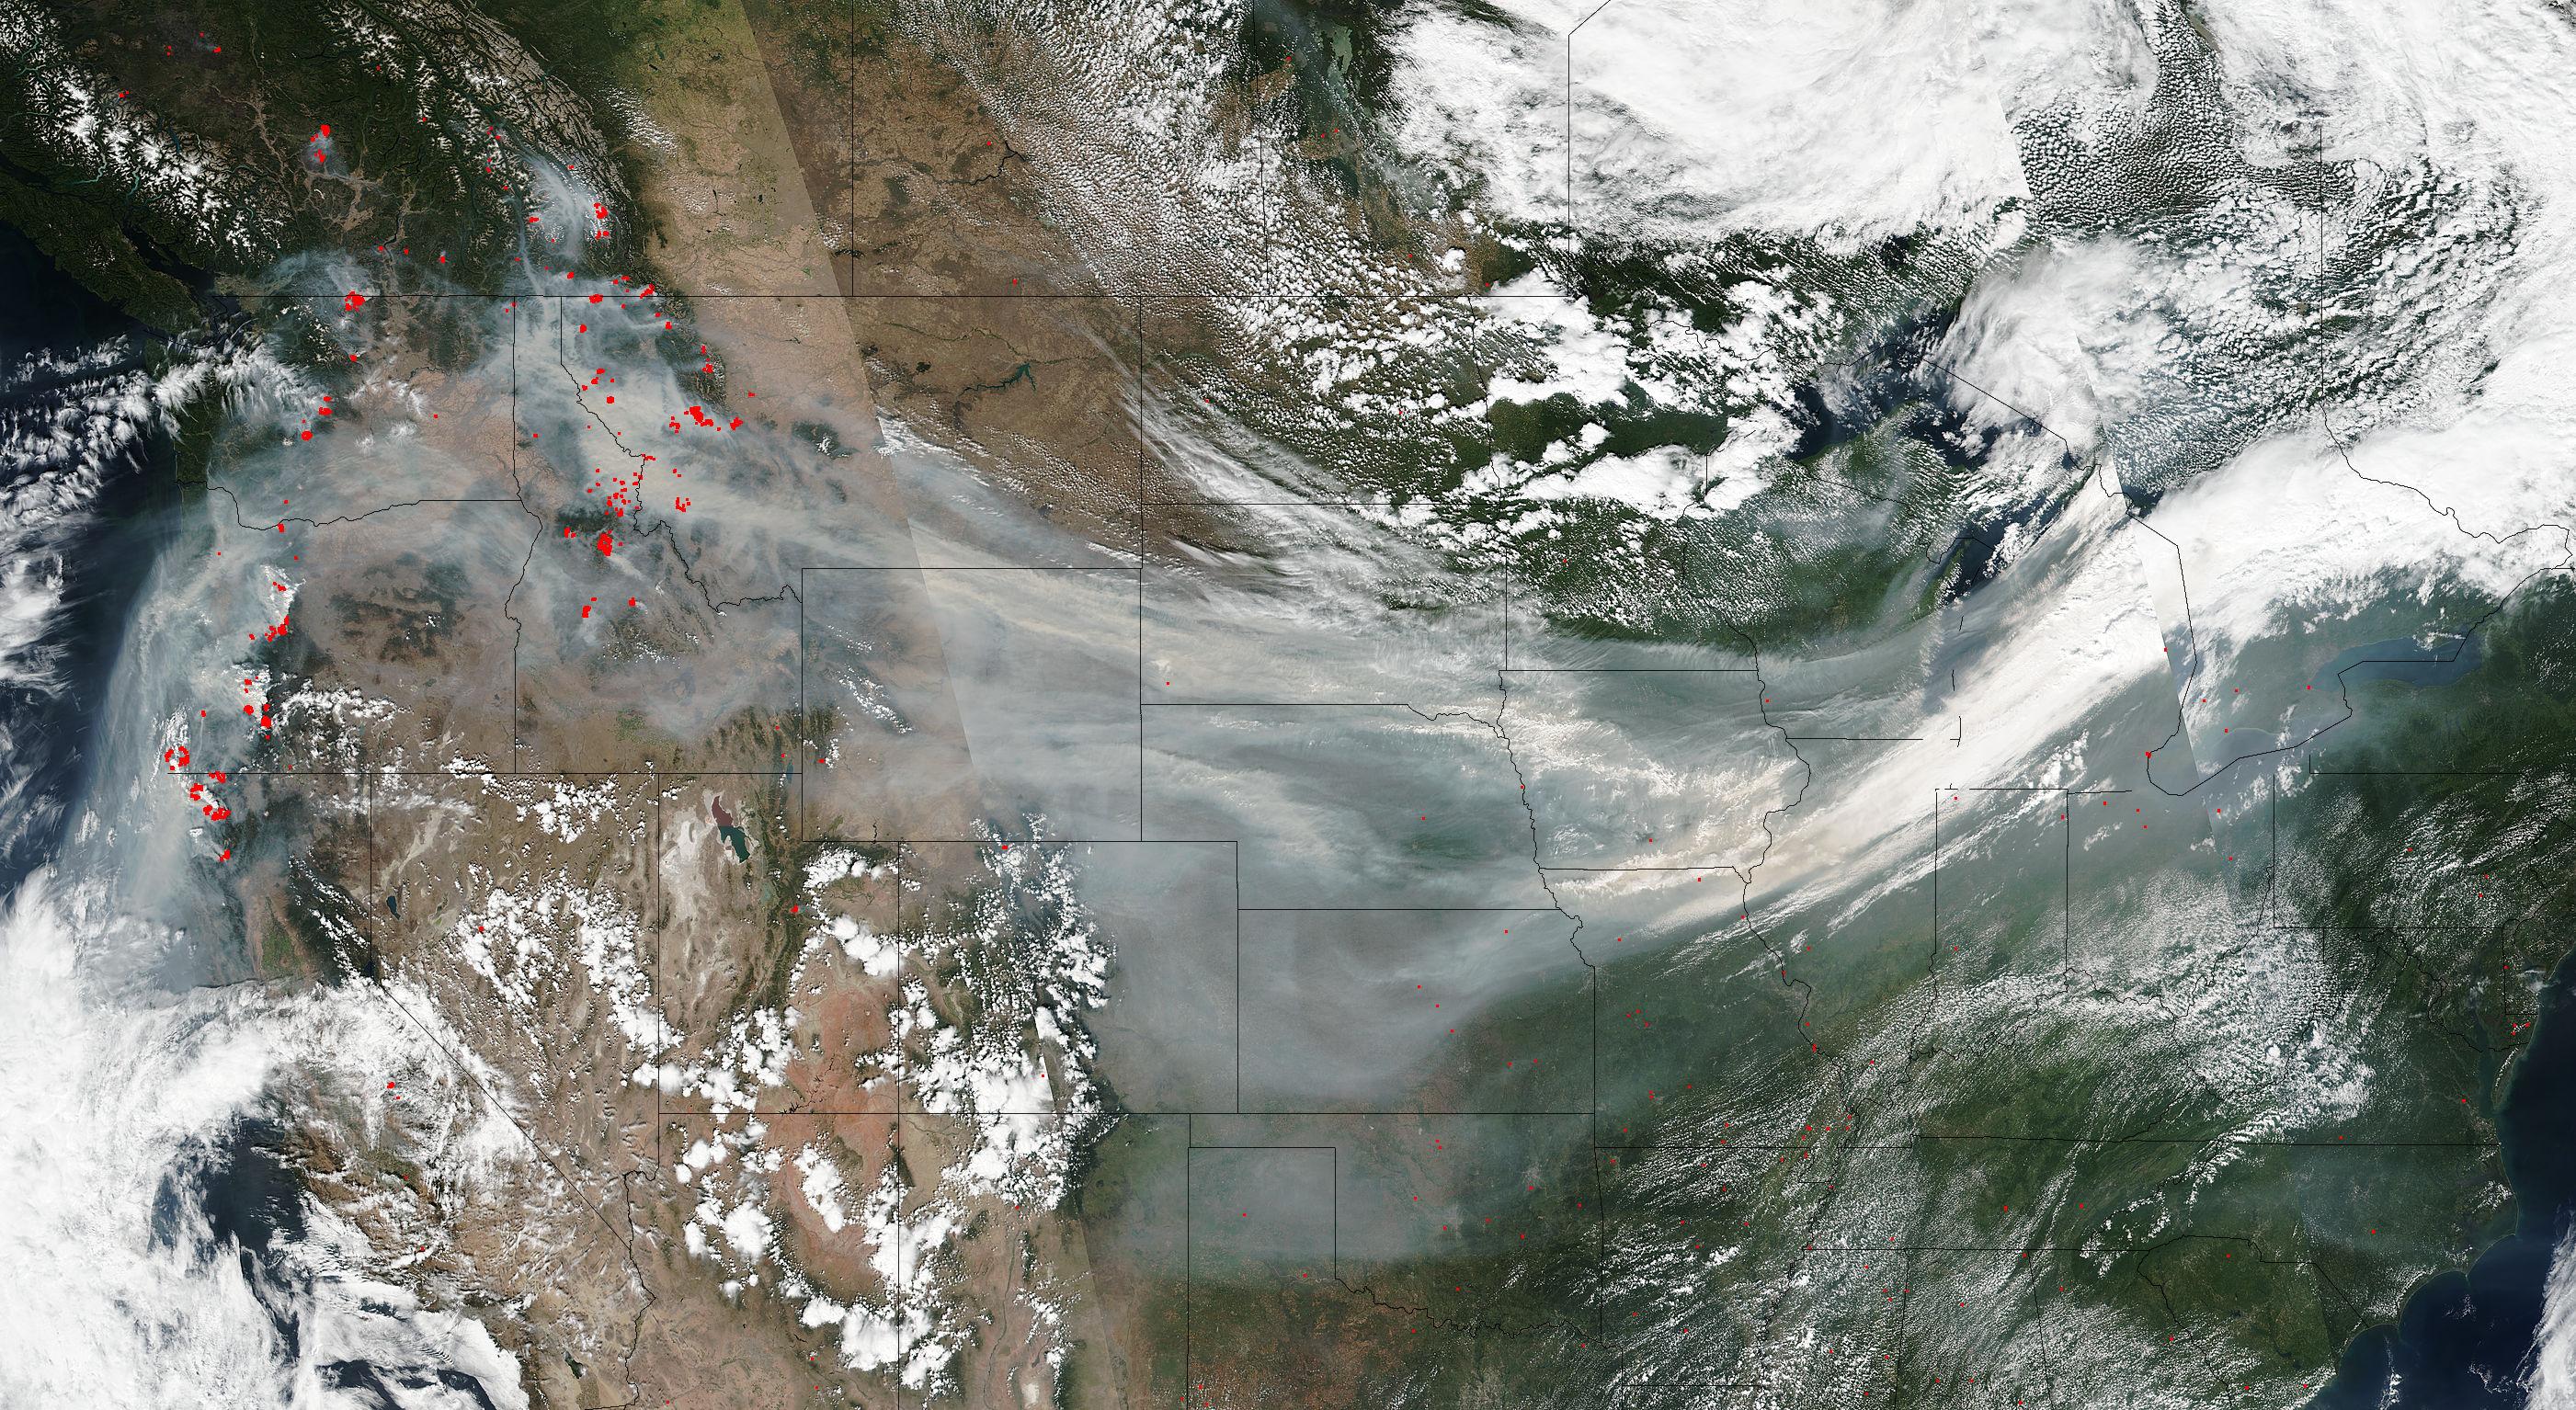 Wildfire Smoke Crosses US On Jet Stream  NASA